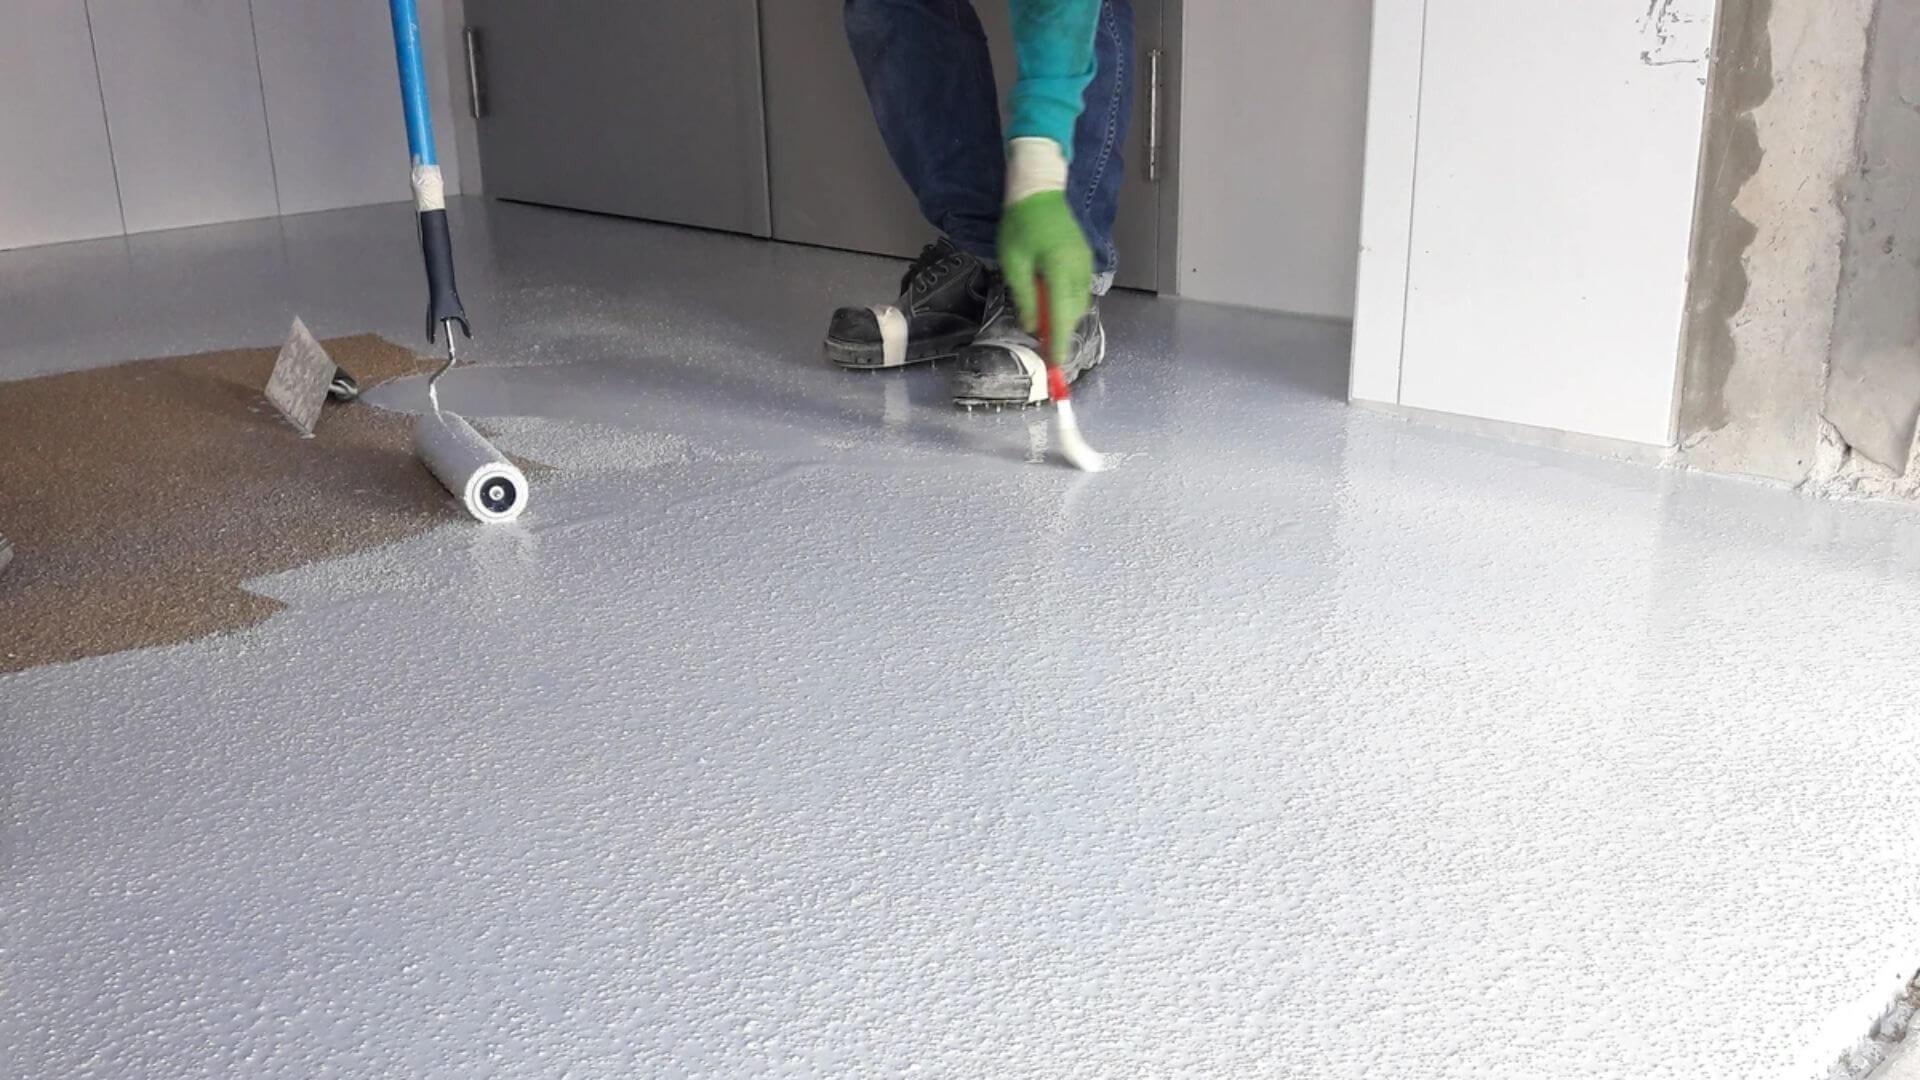 Applying Epoxy Coating To Living Room Floor